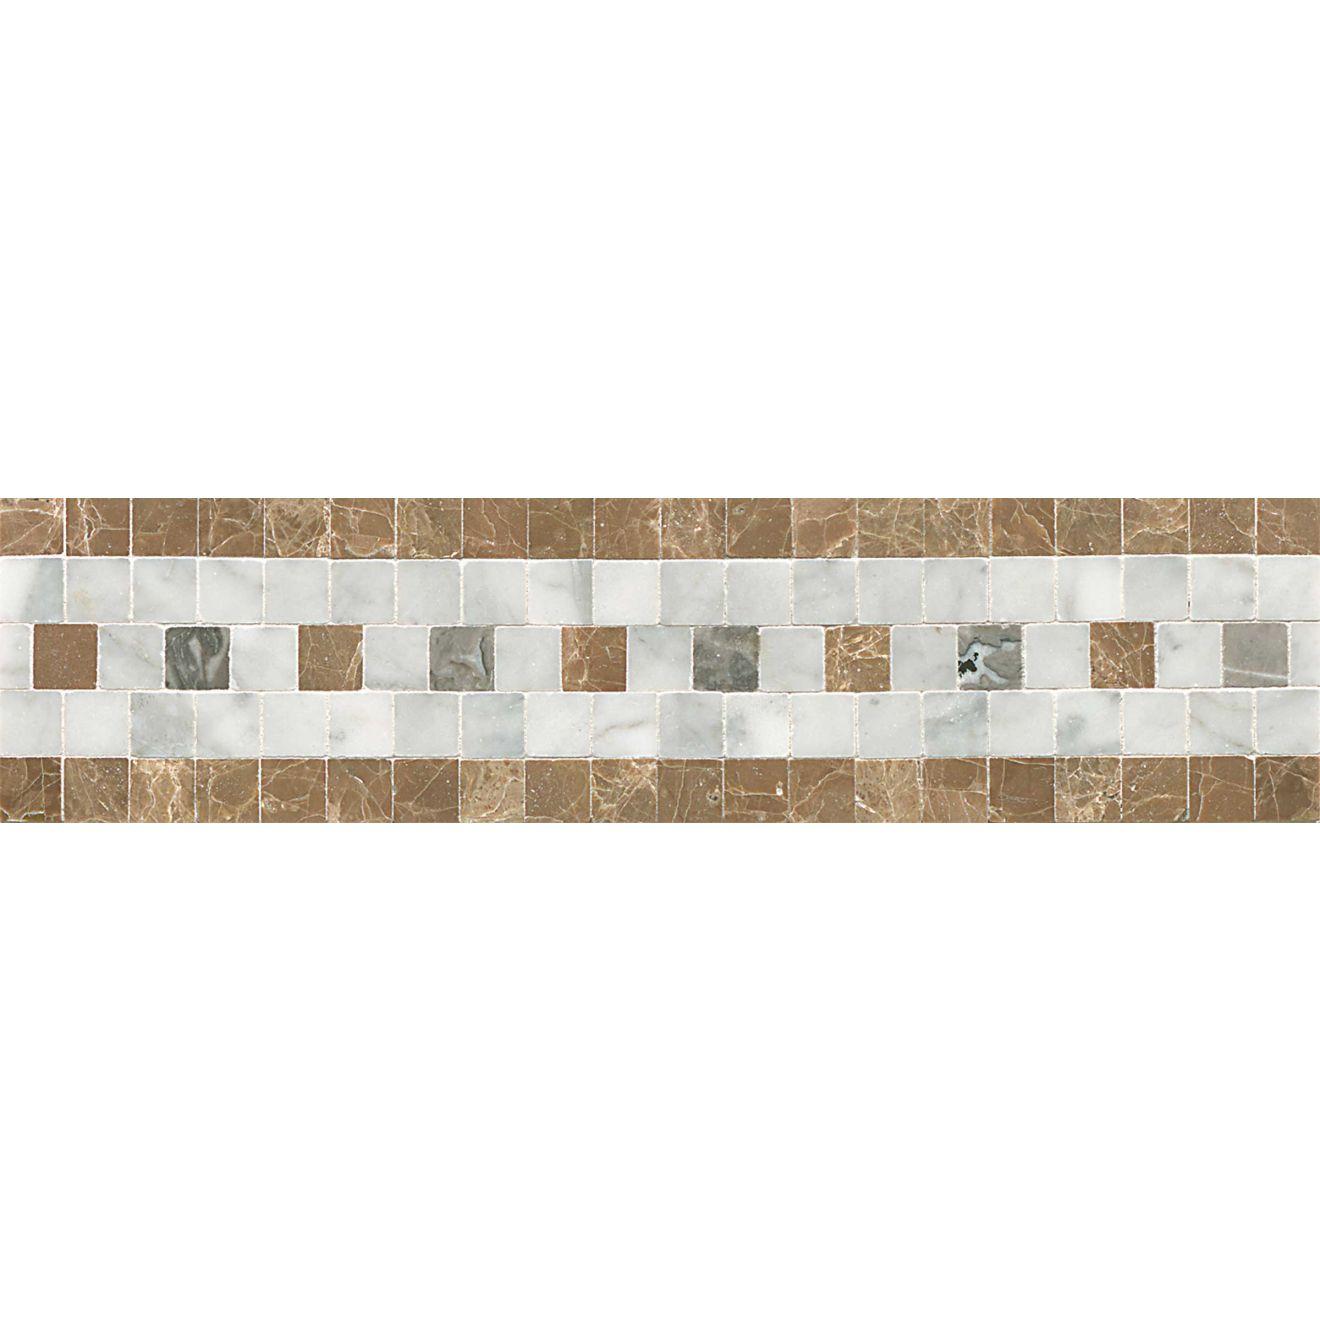 3X12 Liner Deja Vu-Carre/Viburn/Gri